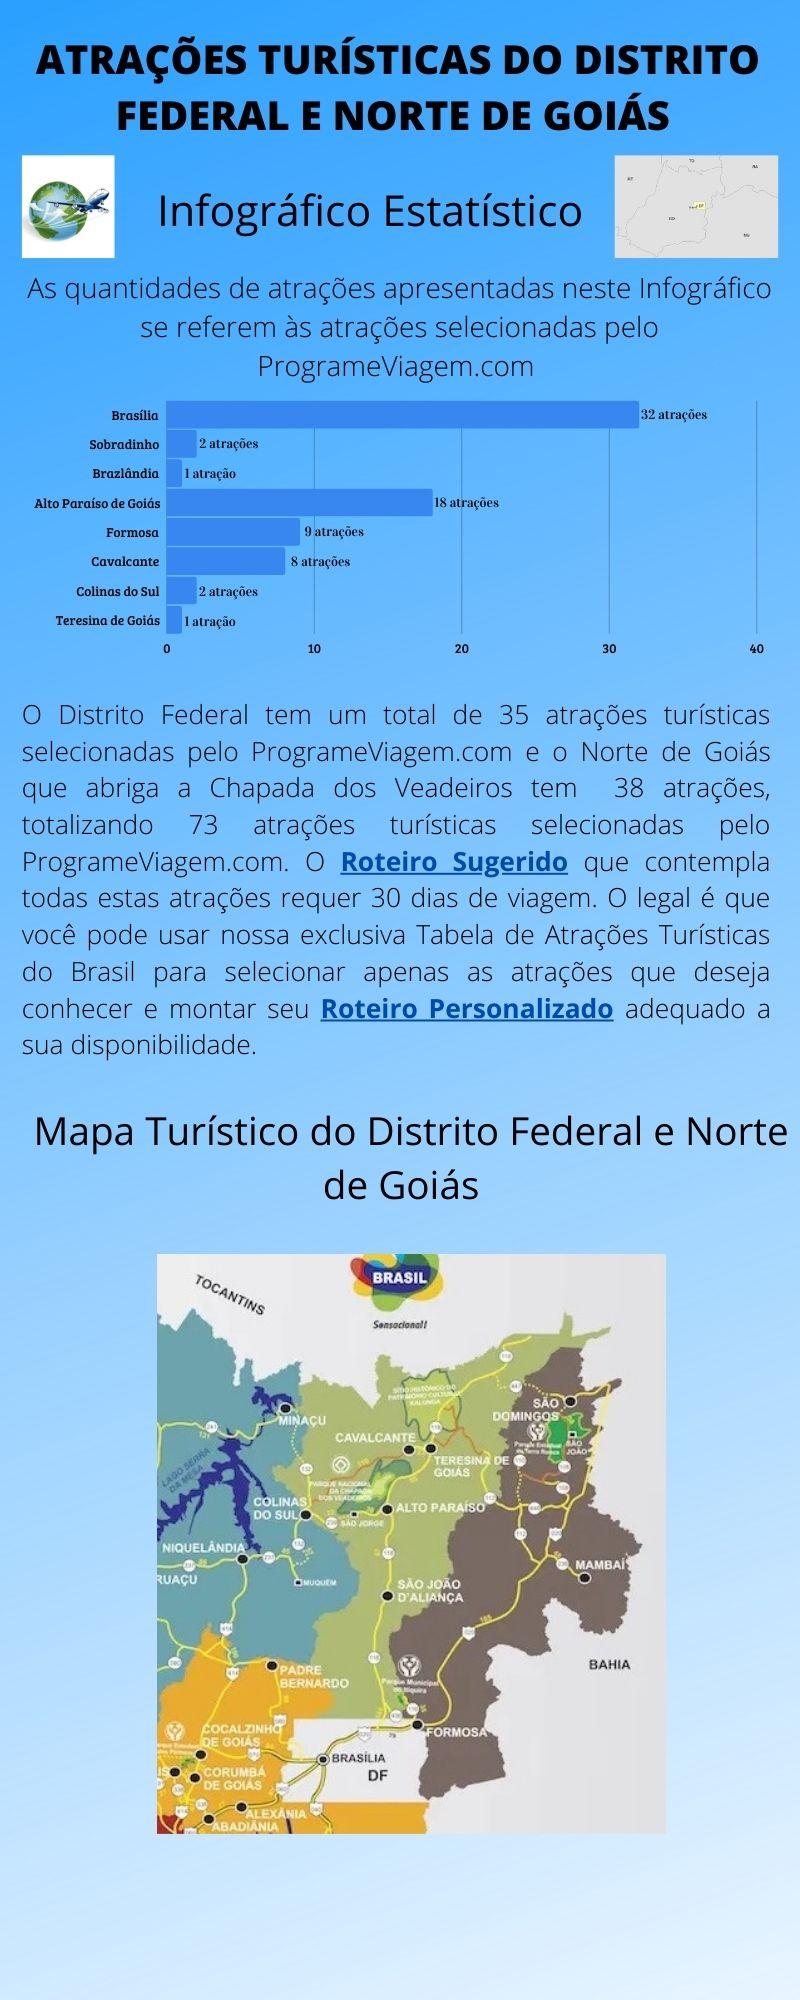 Infográfico Atrações Turísticas do Distrito Federal e Norte de Goiás 1